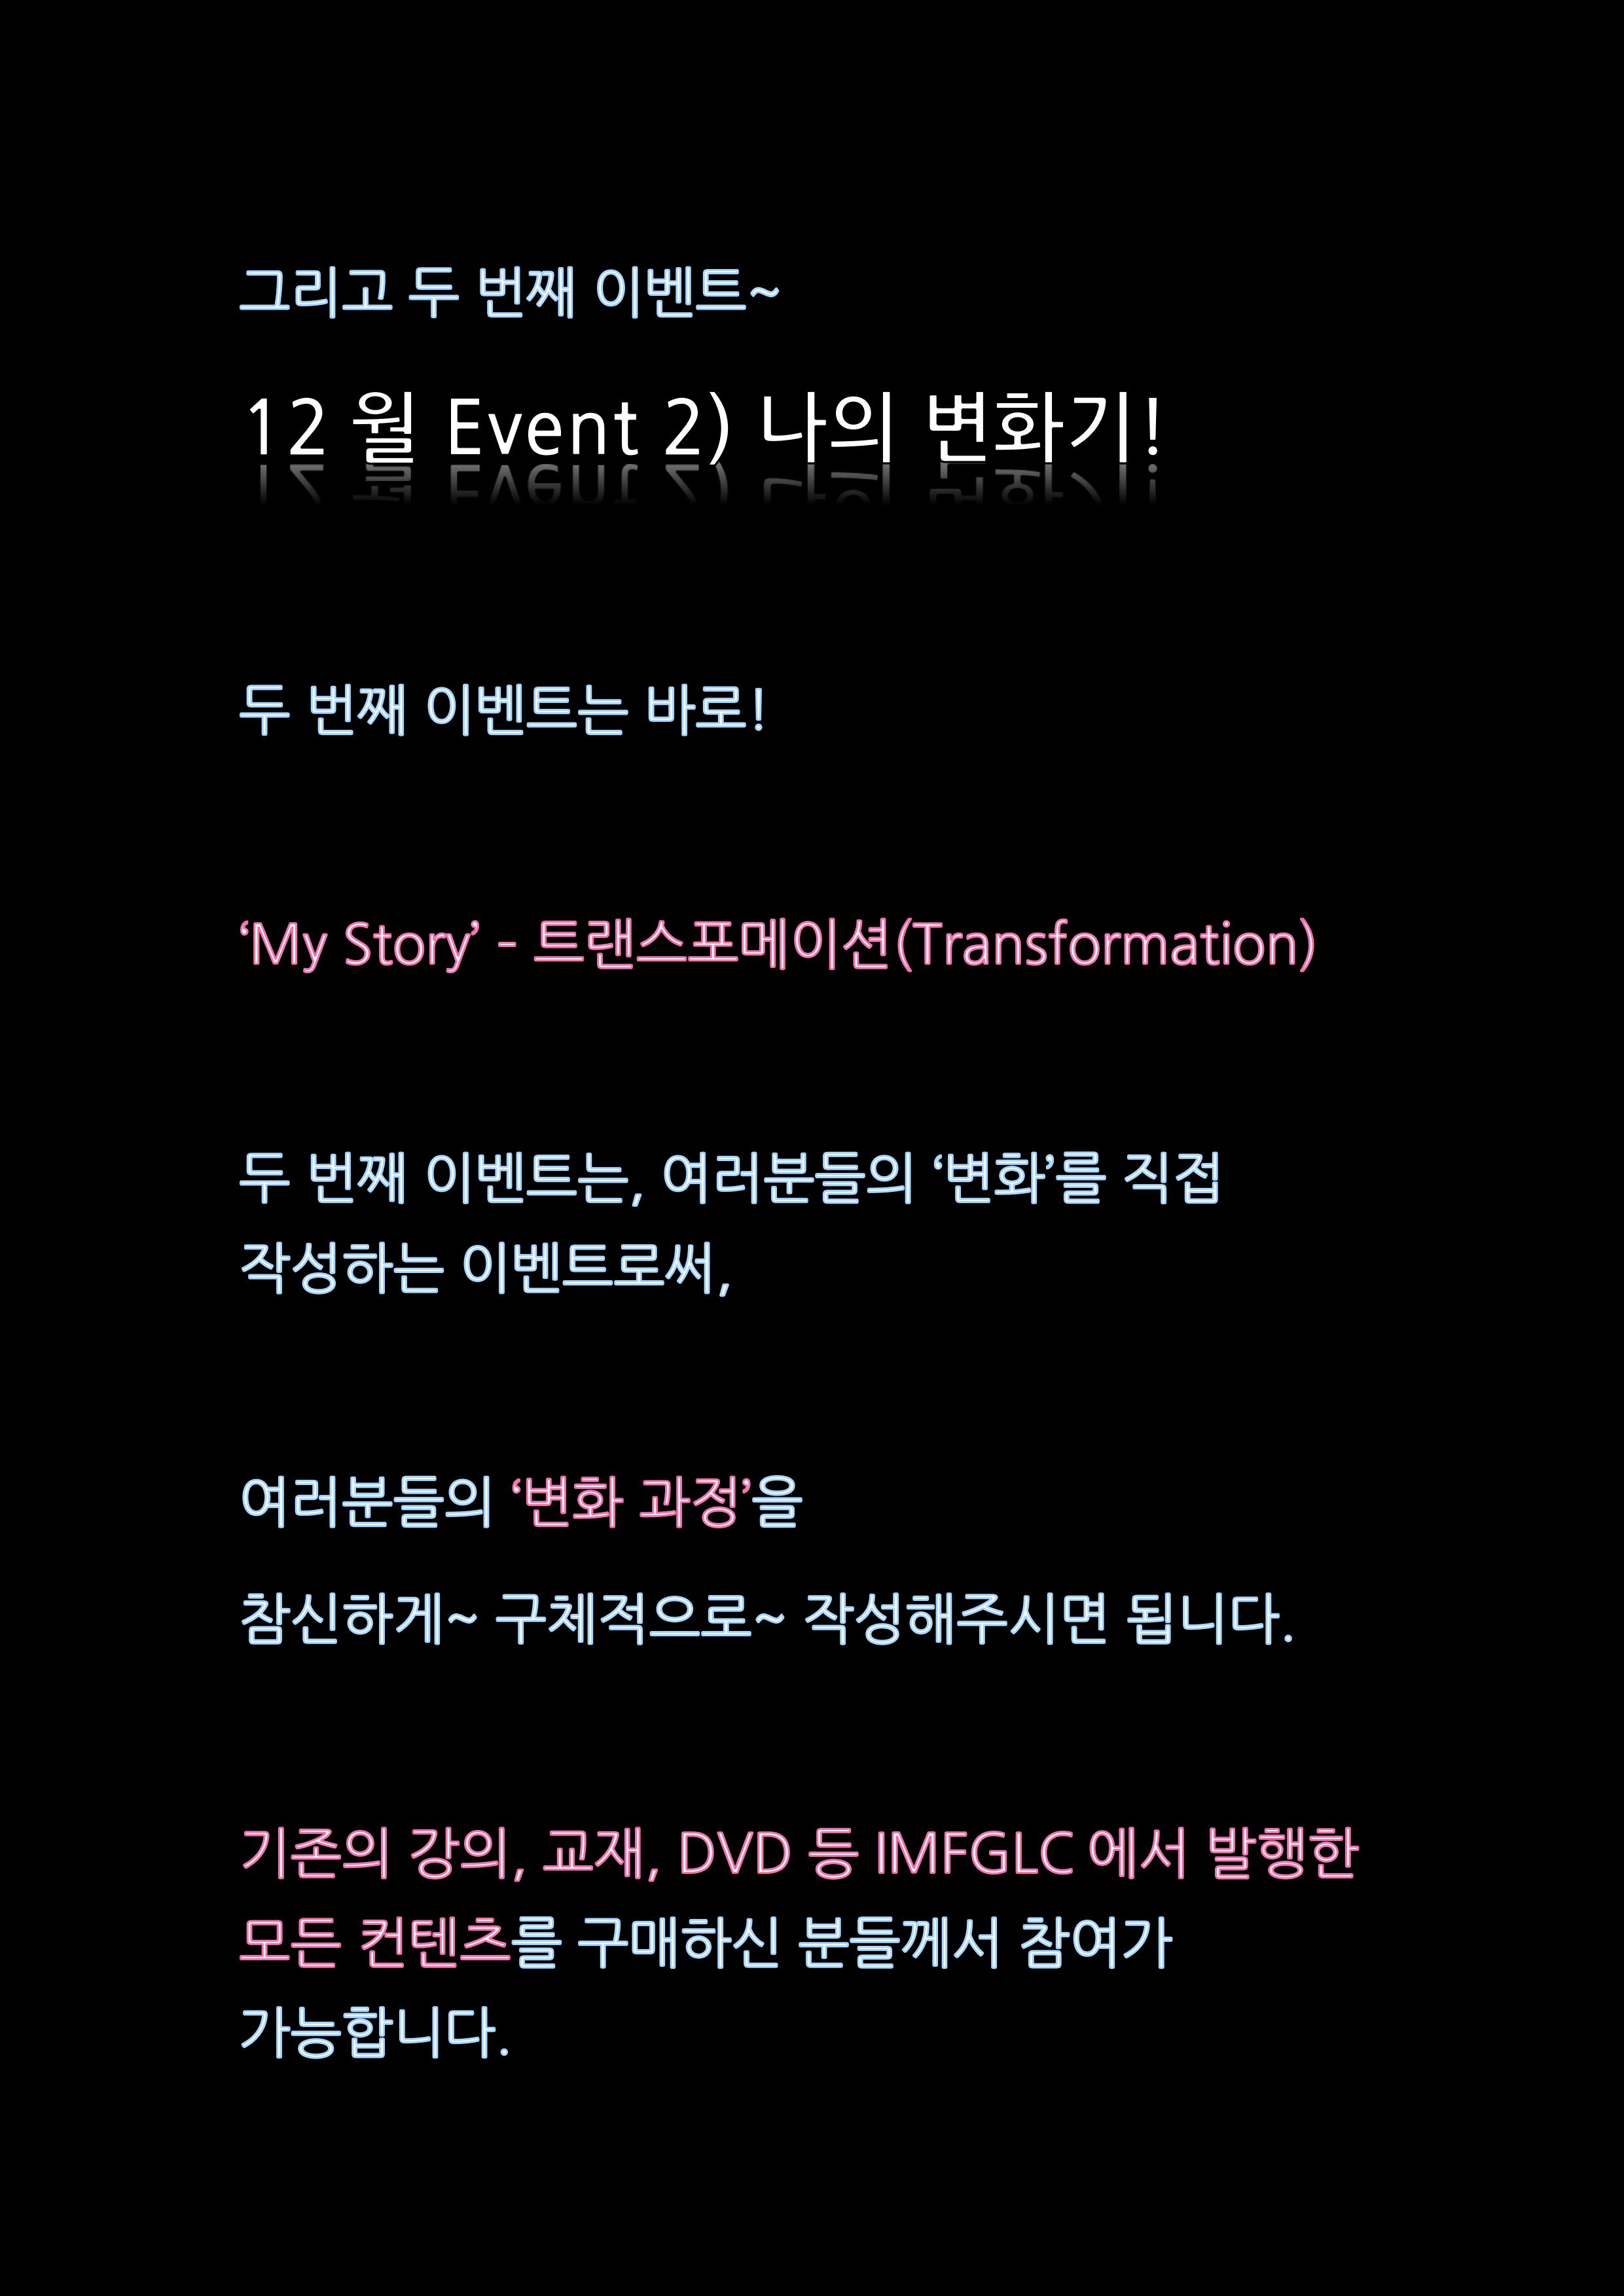 이벤트 공지글_07.png